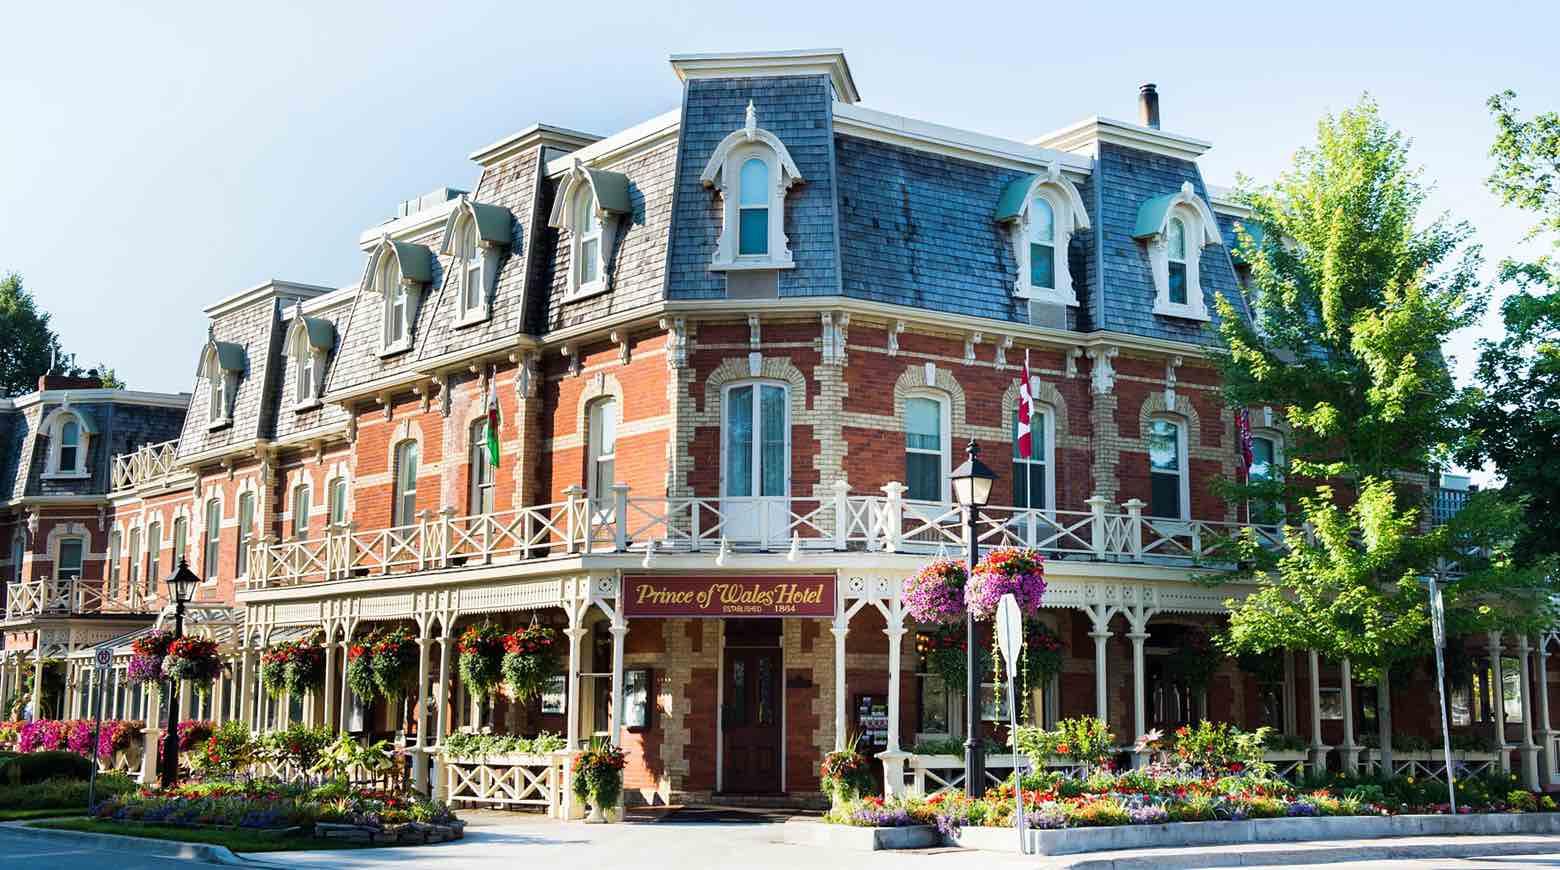 Prince of Wales Hotel.jpg